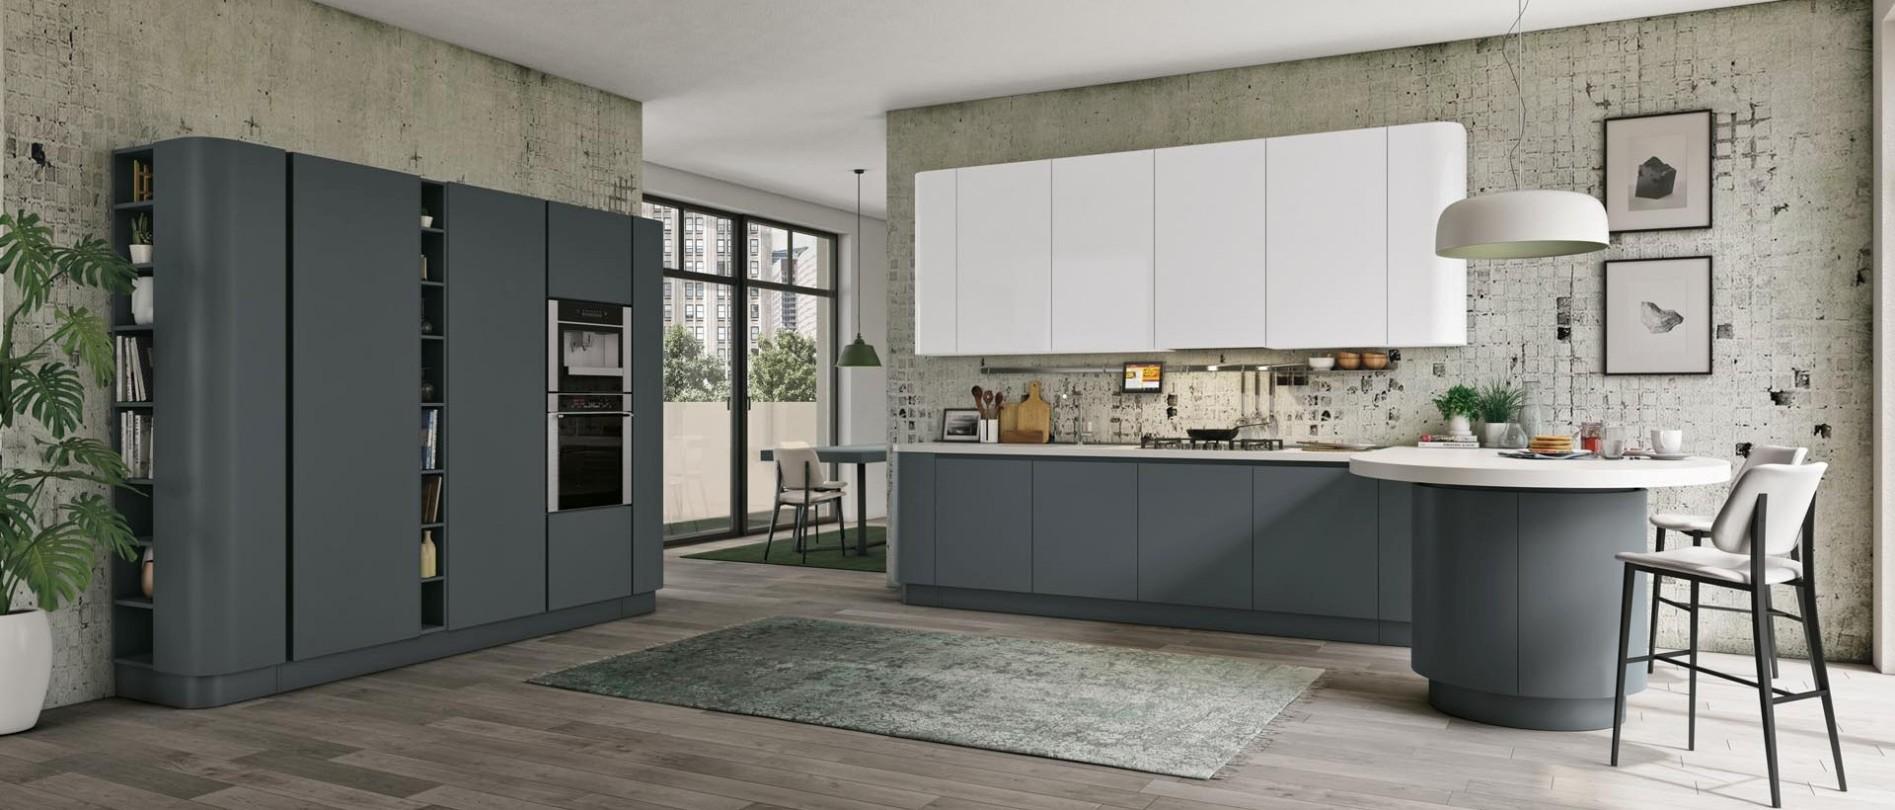 italienische möbel - mobili italiani paratore | lube | möbel